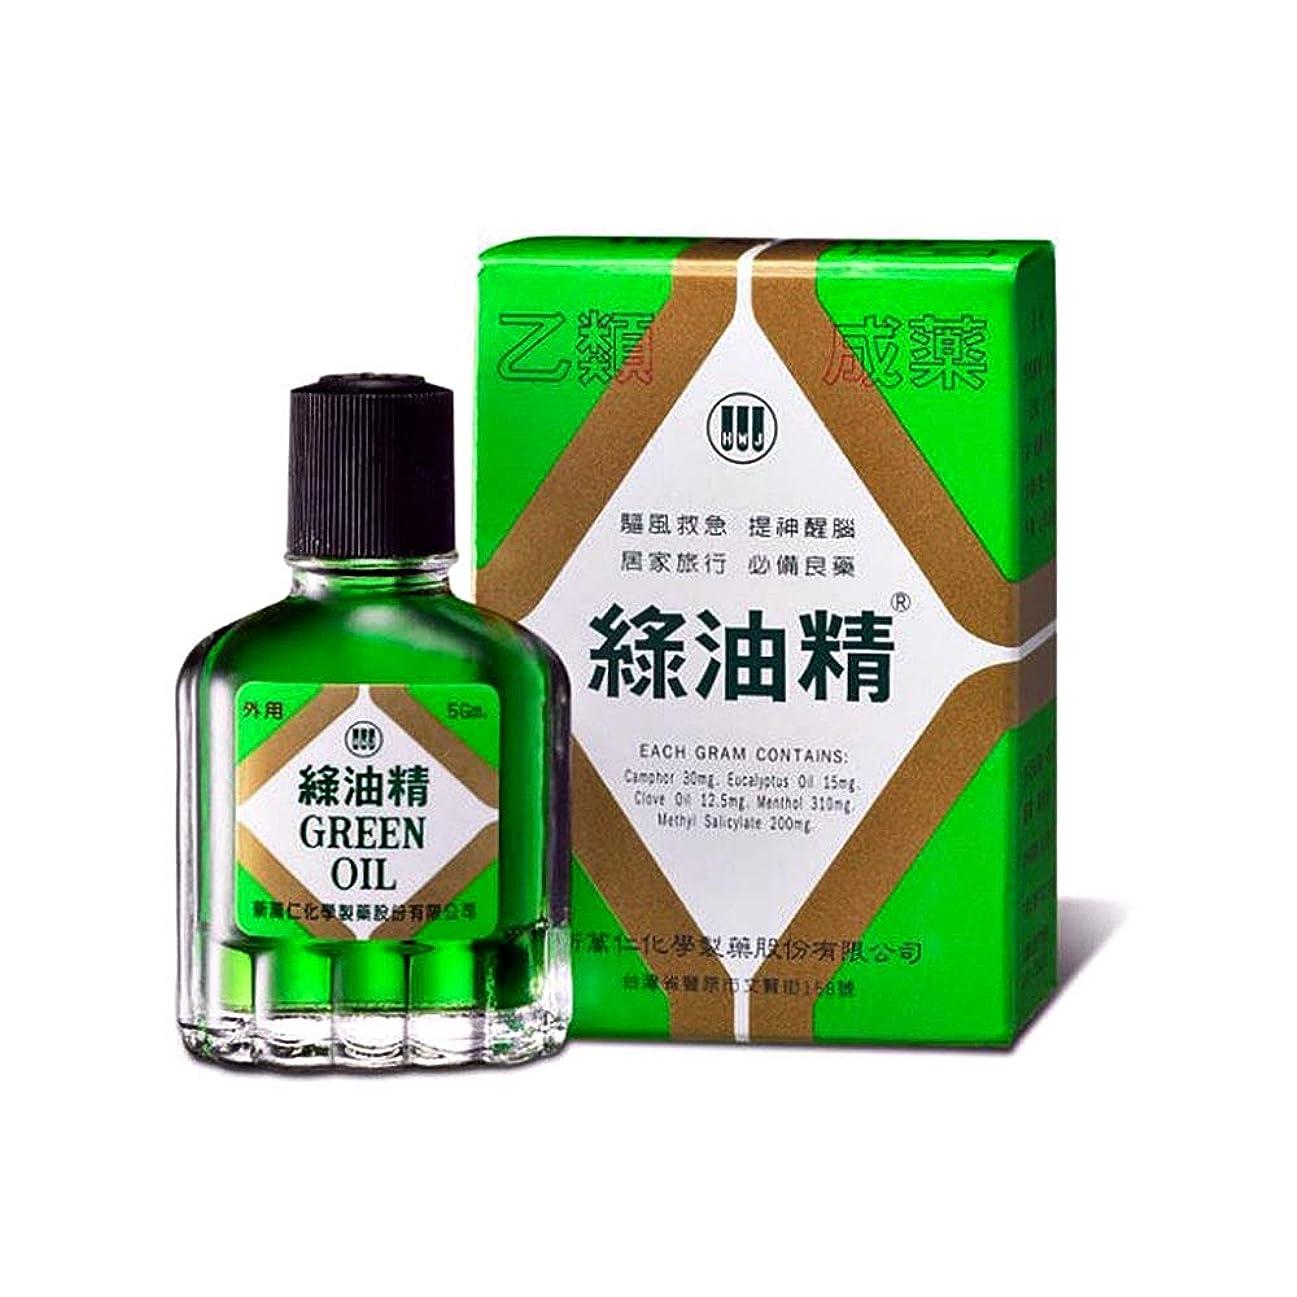 甘味民間人法律《新萬仁》台湾の万能グリーンオイル 緑油精 5g 《台湾 お土産》 [並行輸入品]